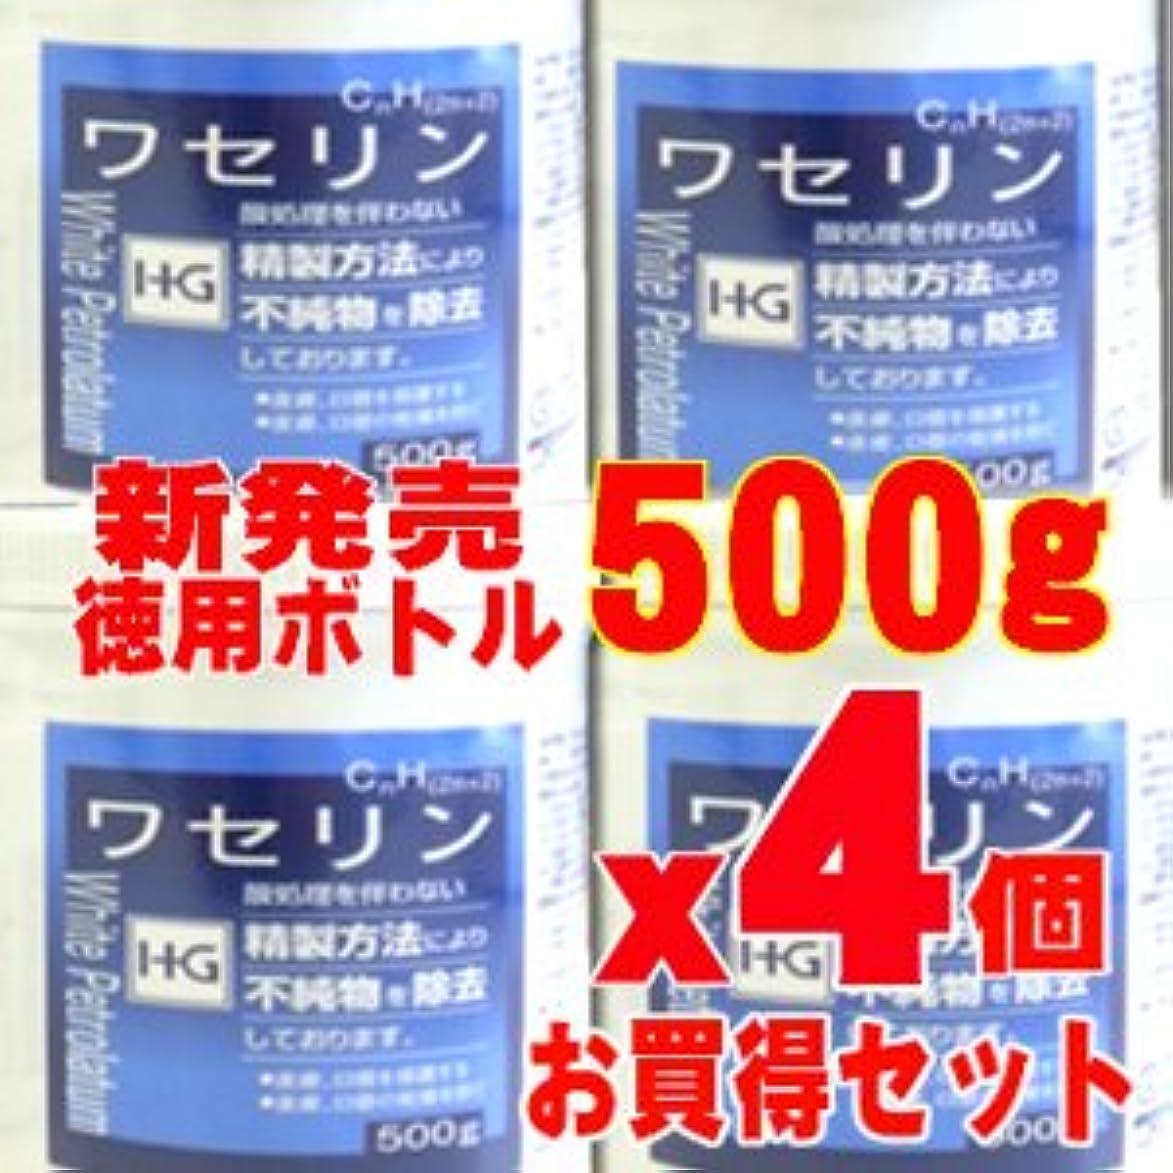 安定したピルファー興奮する【敏感肌の方に最適!】皮膚保護 ワセリンHG 徳用500gx4個セット